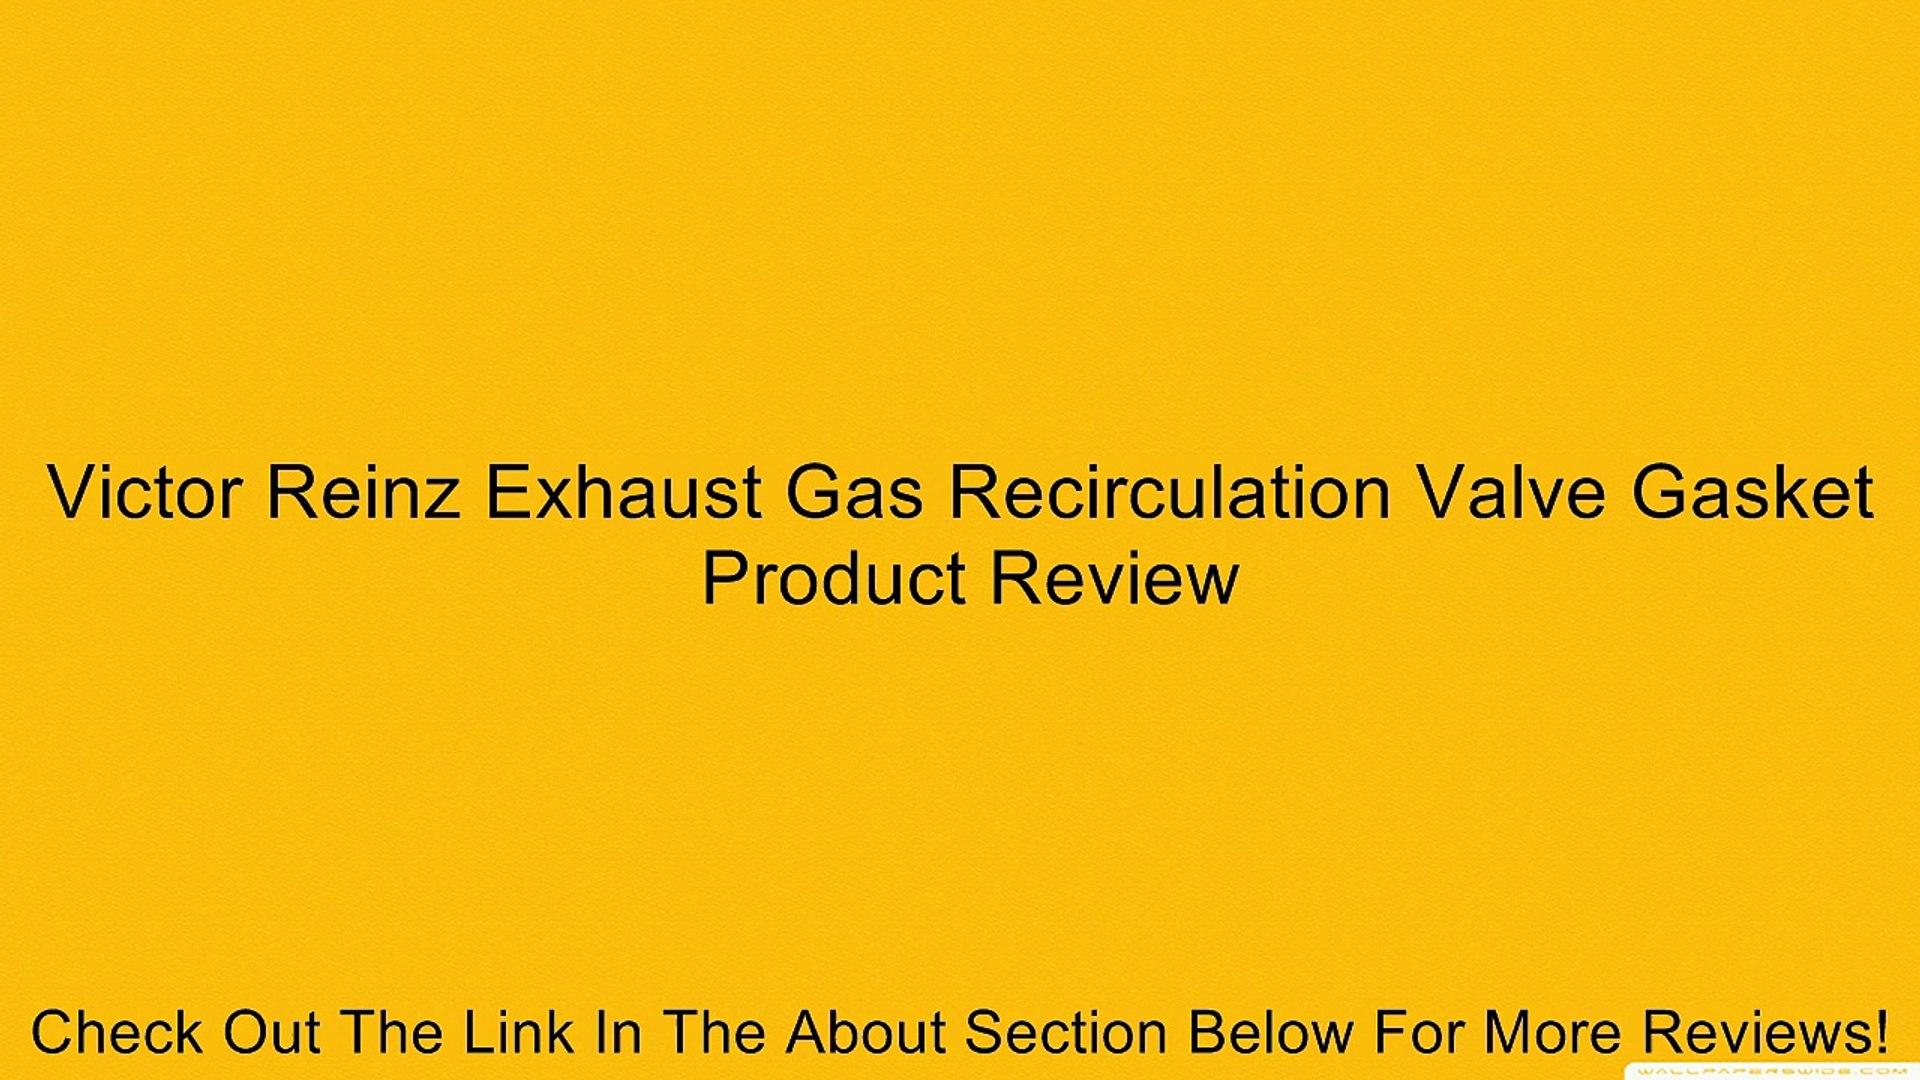 Victor Reinz Exhaust Gas Recirculation Valve Gasket